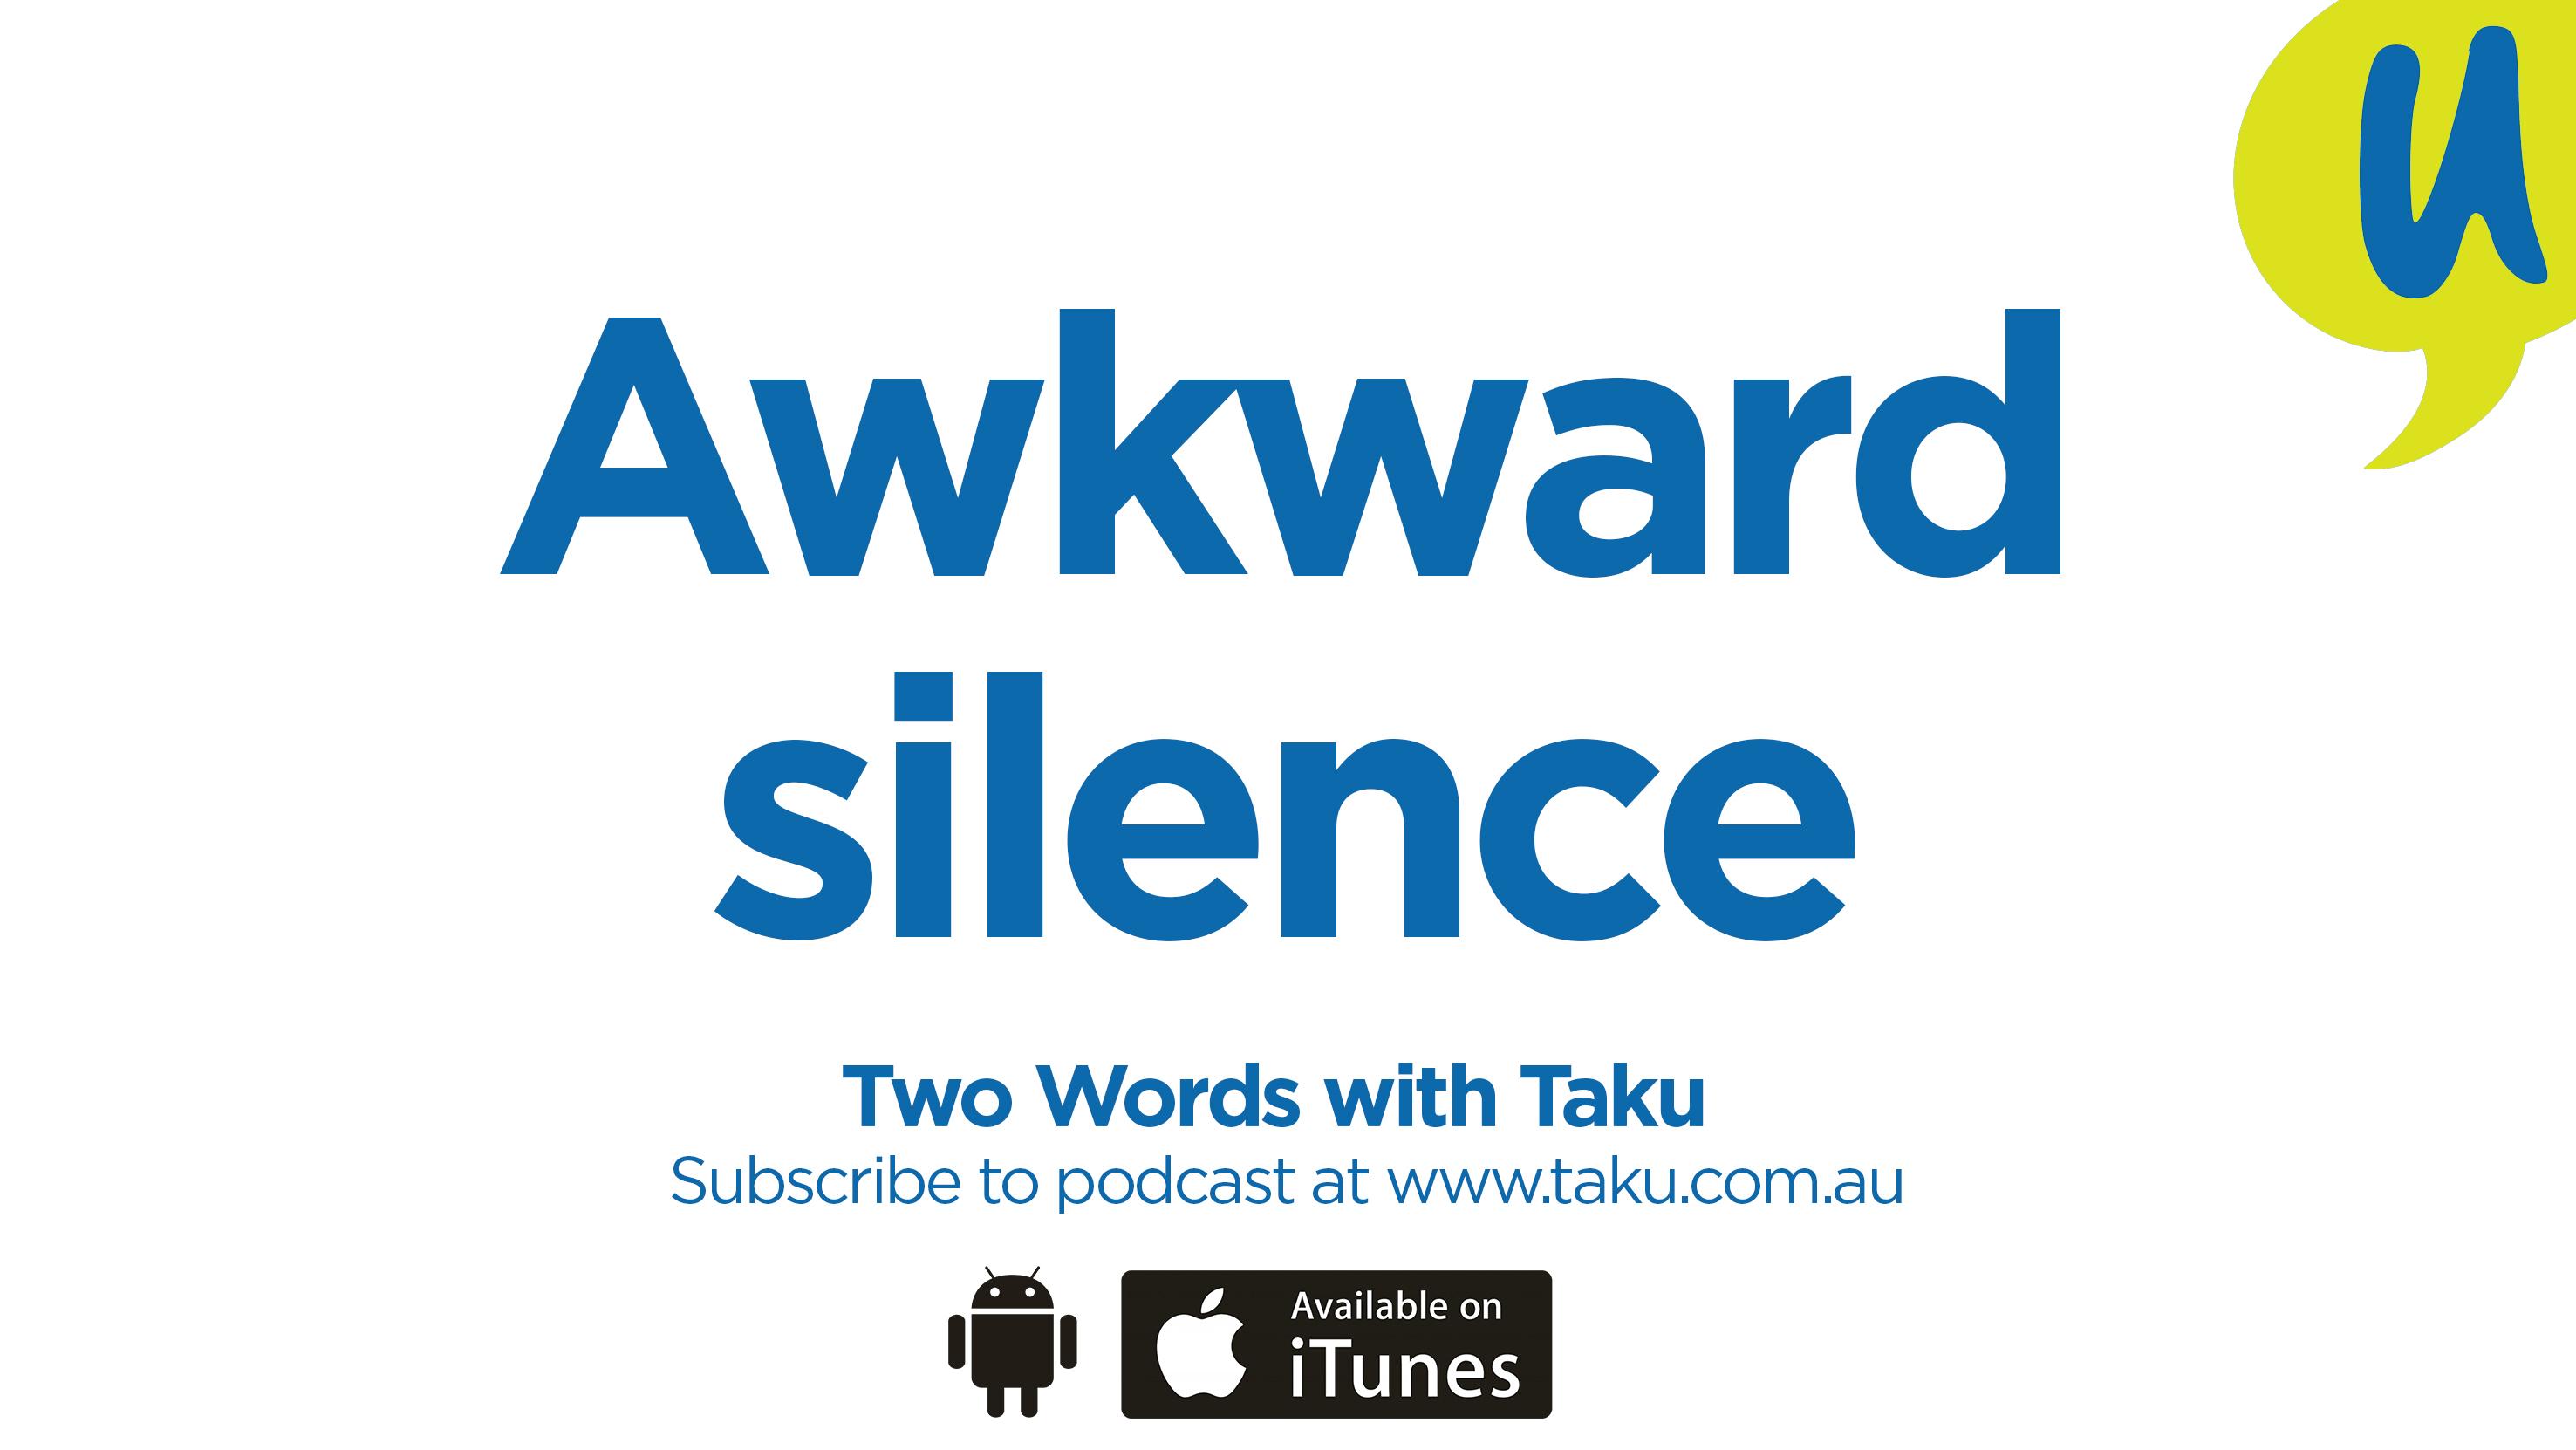 Awkward Silence Taku Mbudzi